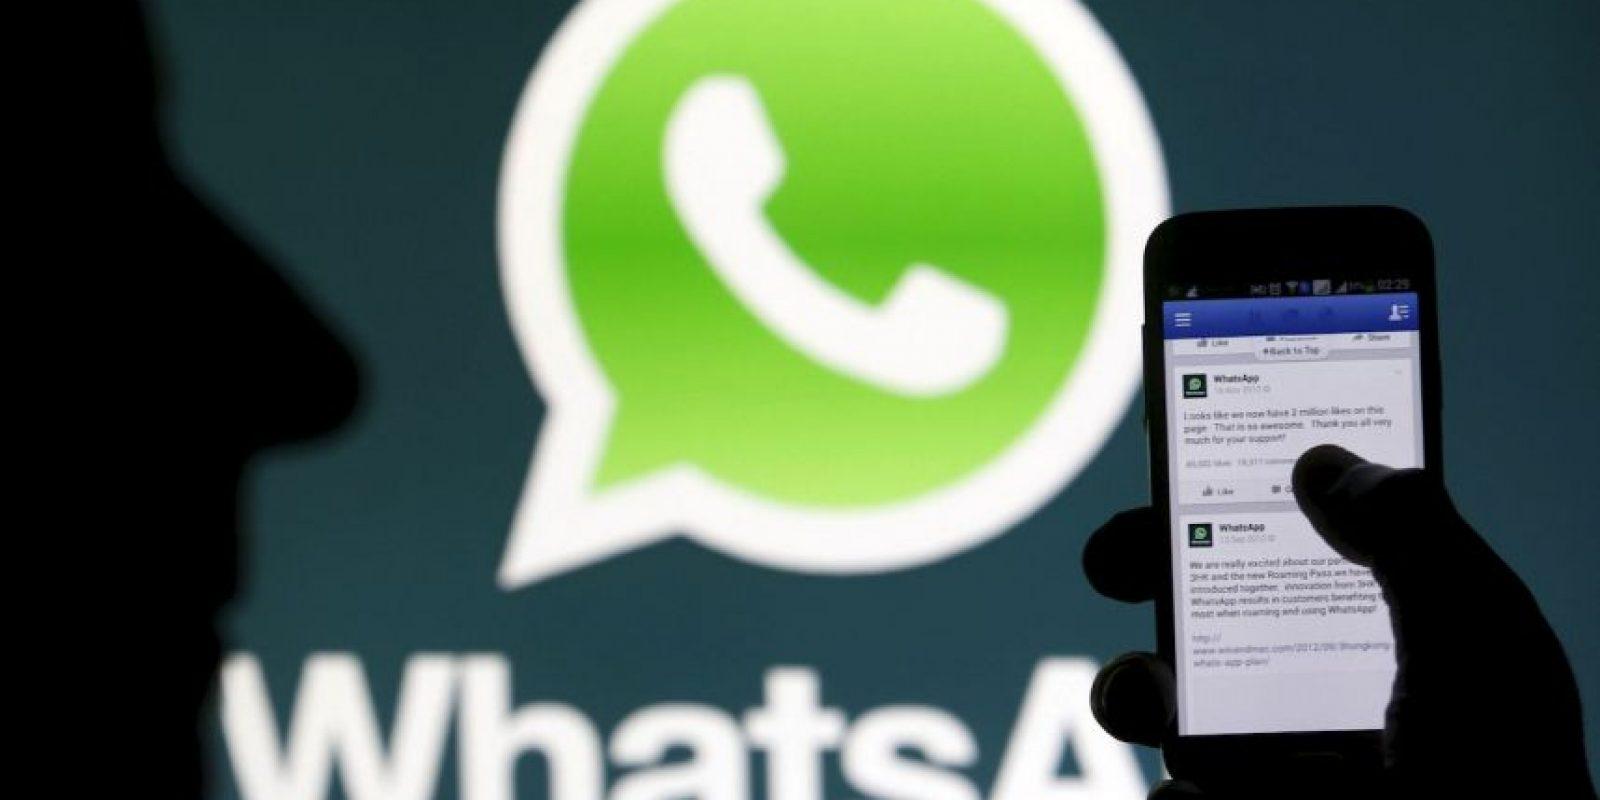 Su smartphone puede ser contaminado con un virus por recibir mensajes o archivos que envían los usuarios Foto:Tumblr